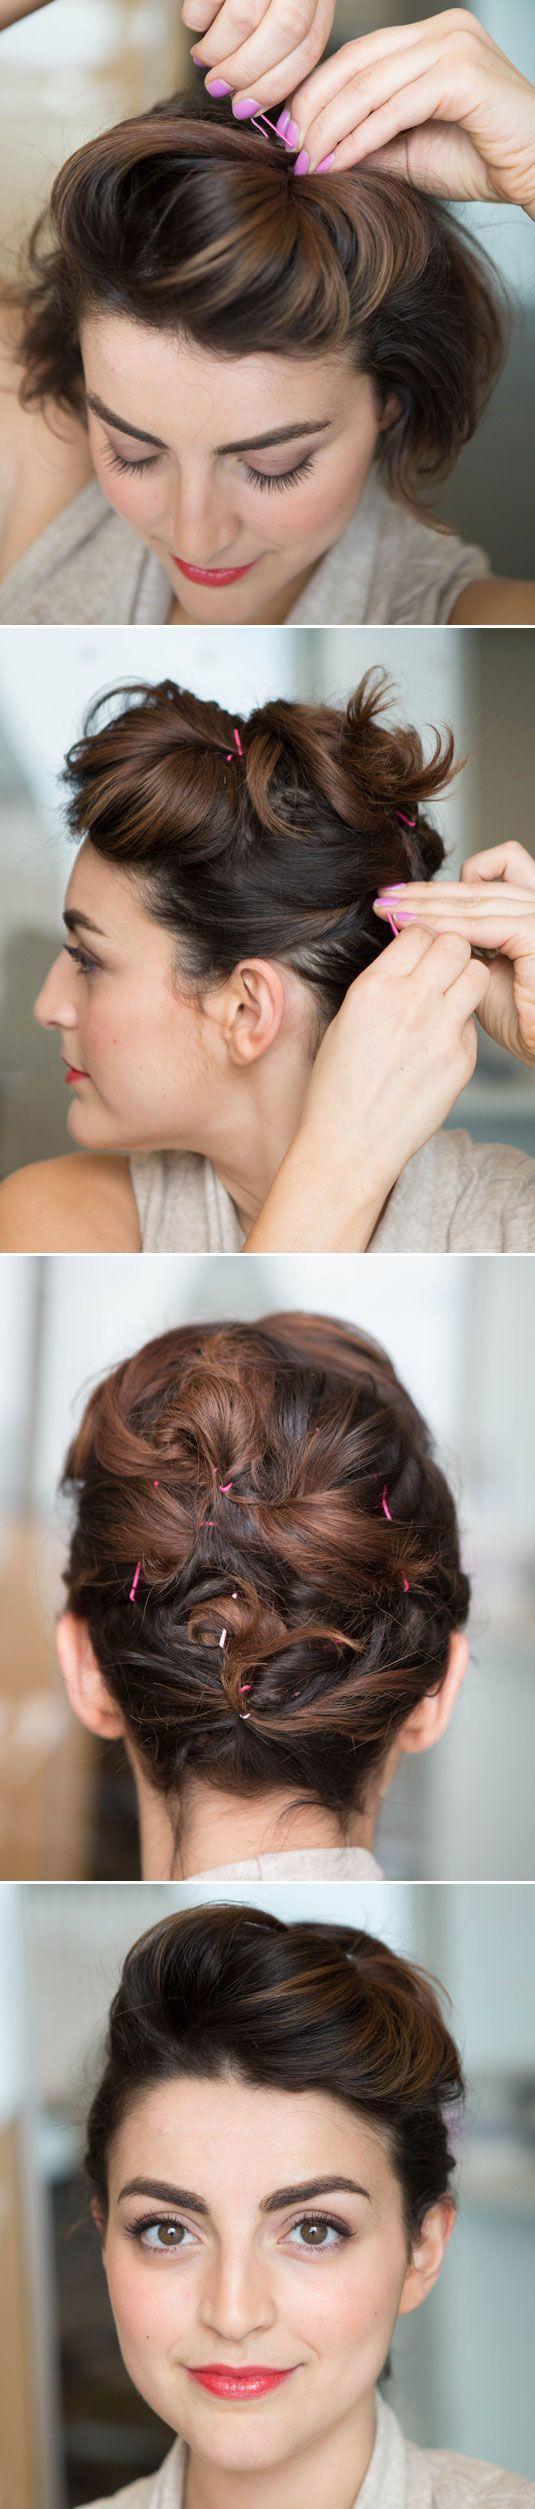 Fixado Updo Penteado Tutorial para o cabelo curto